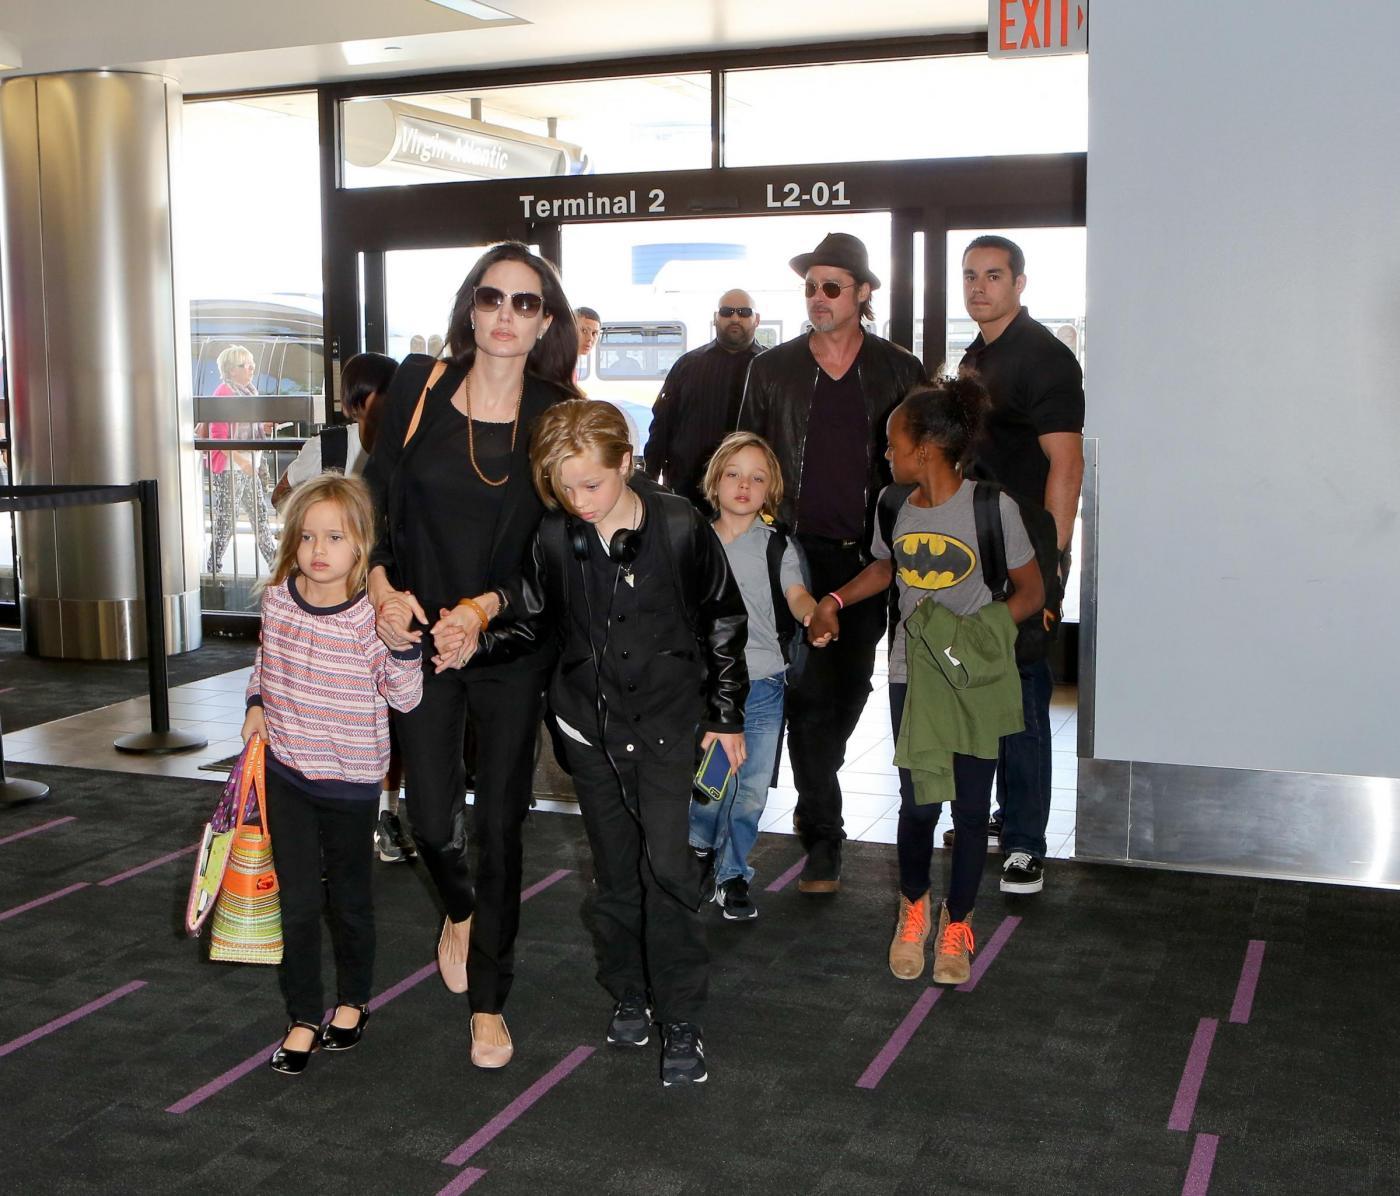 Angelina Jolie e Brad Pitt all'aeroporto con i figli FOTO 4